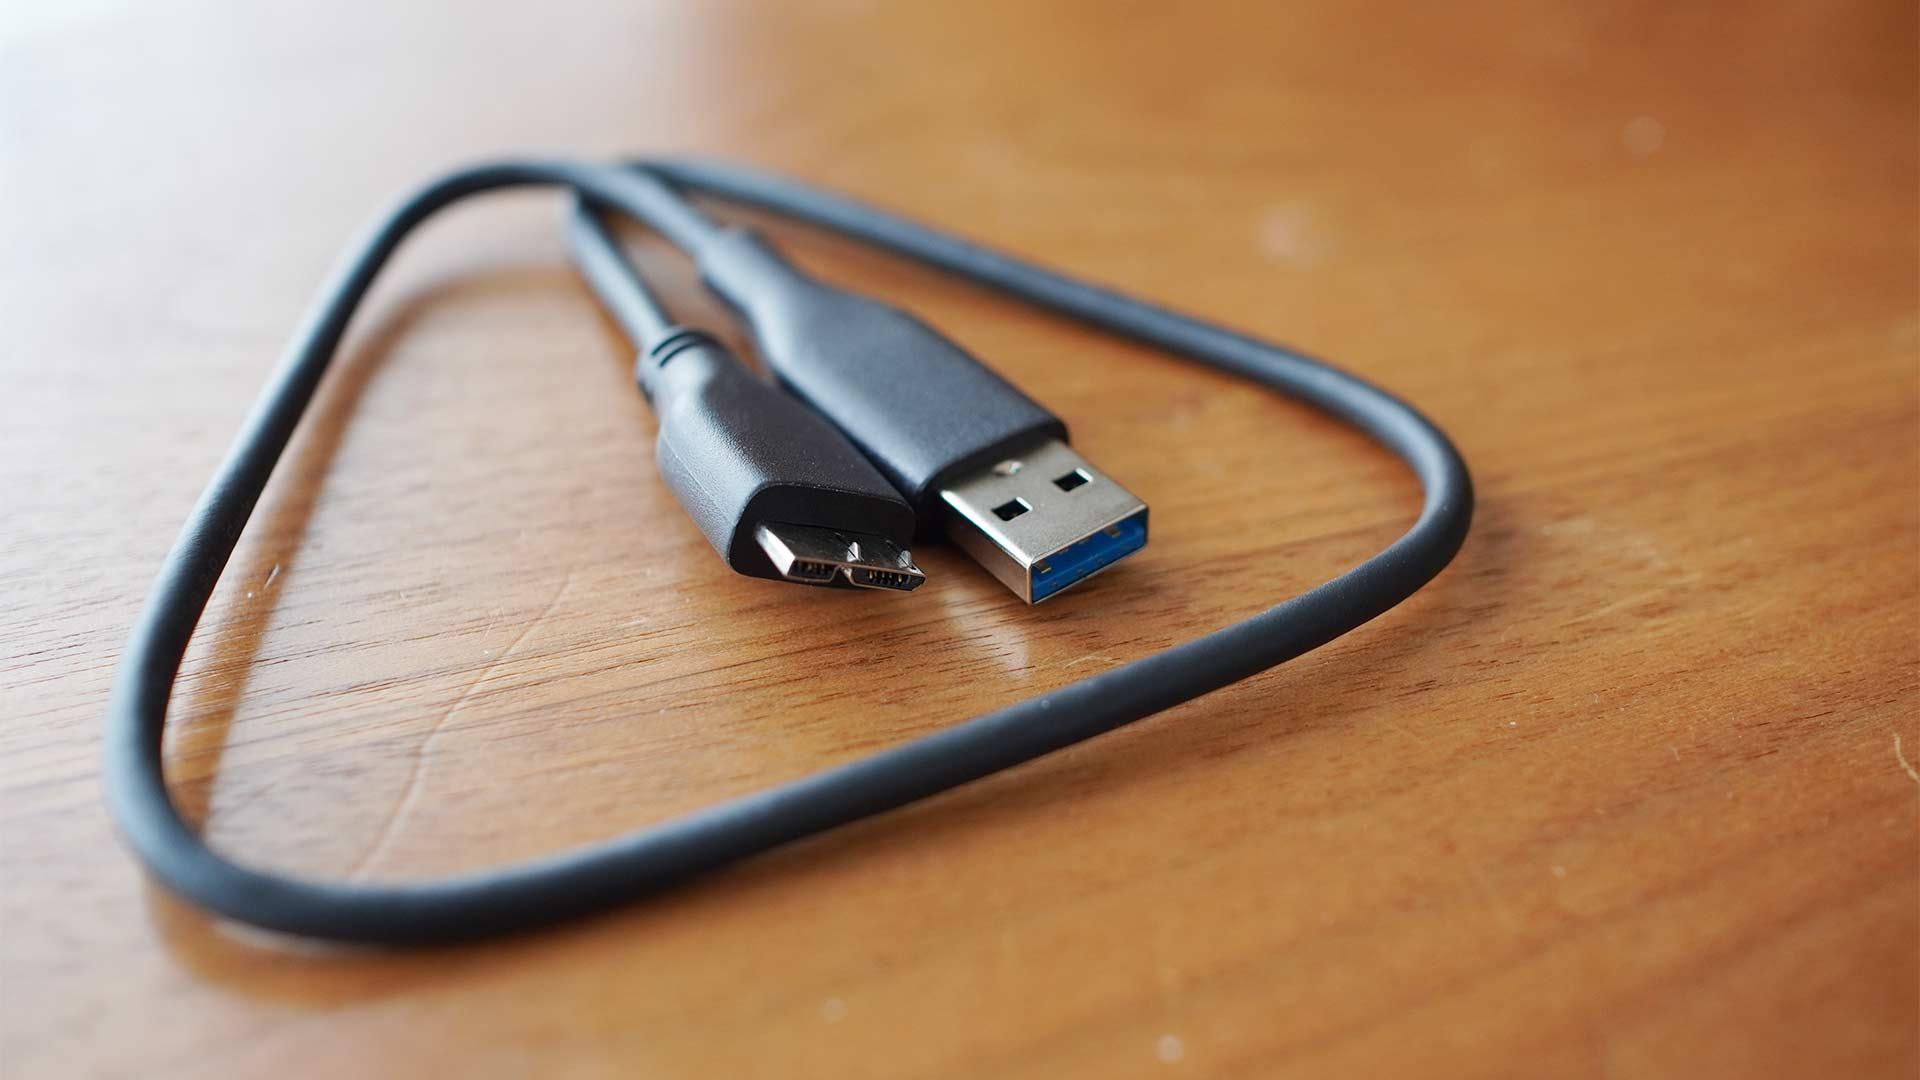 ウエスタンデジタル,WD,HDD,外付け,安定,高速,コスパ,格好いい,USB-A